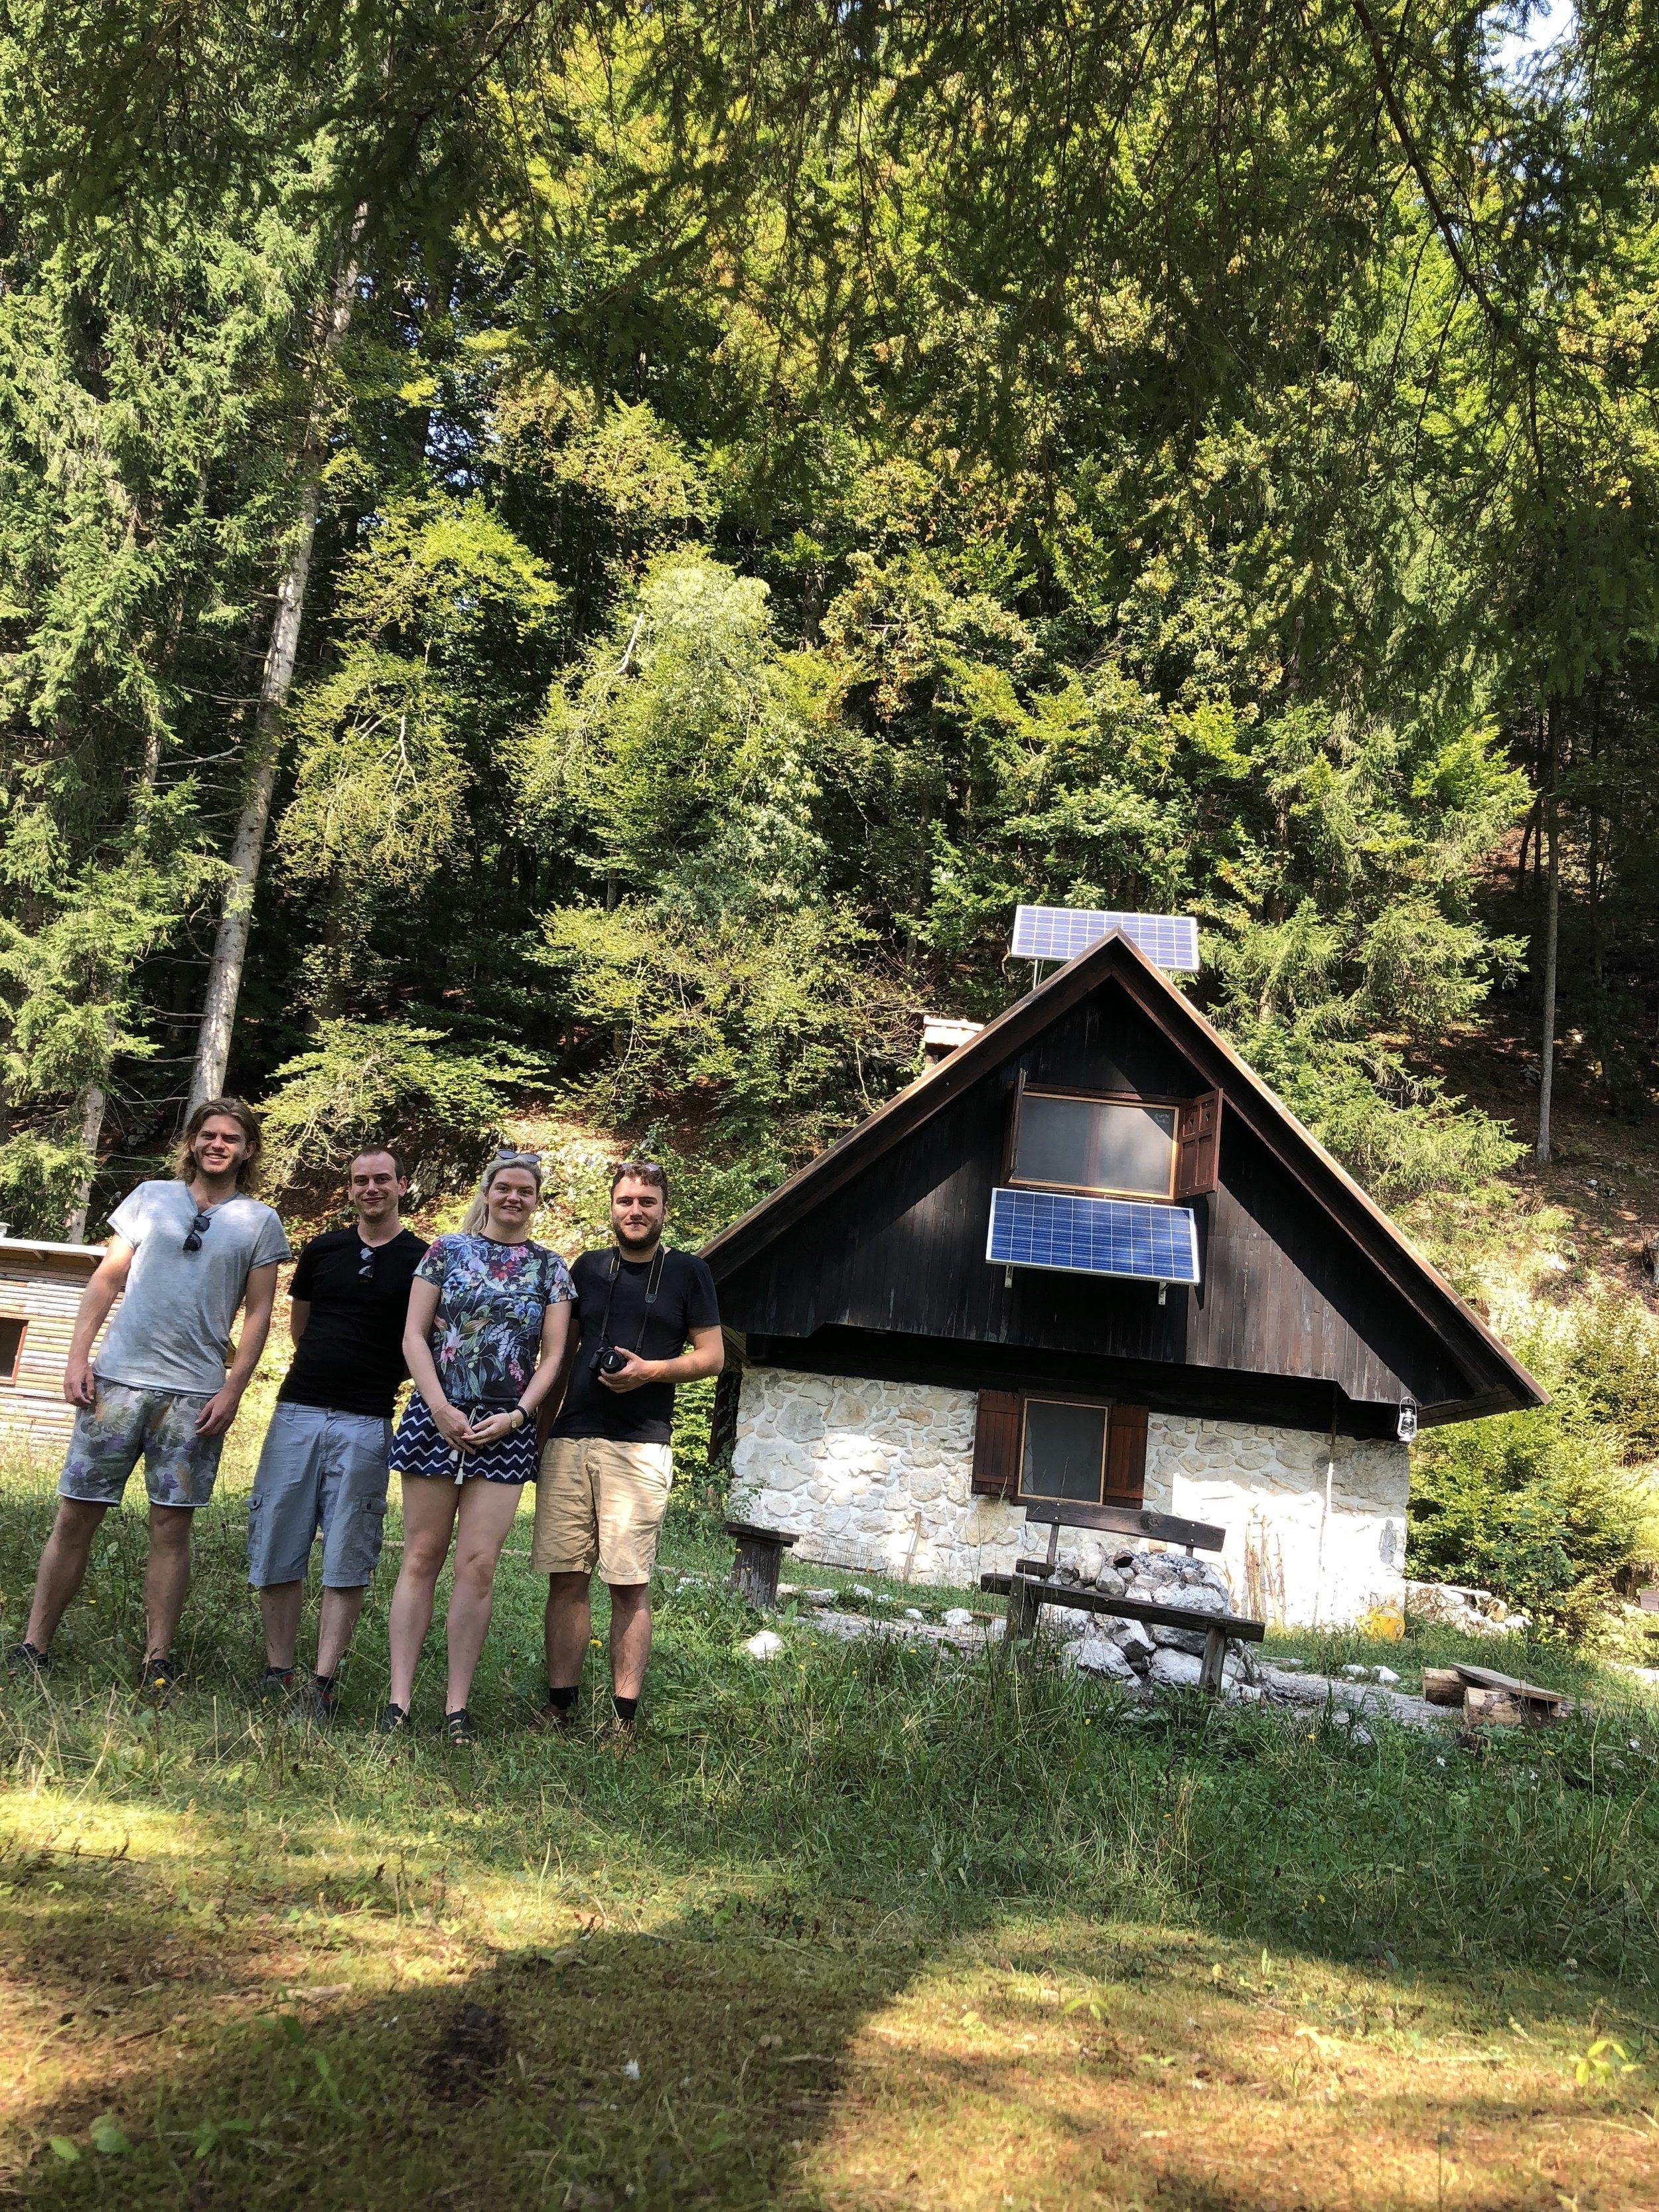 Talez Hut